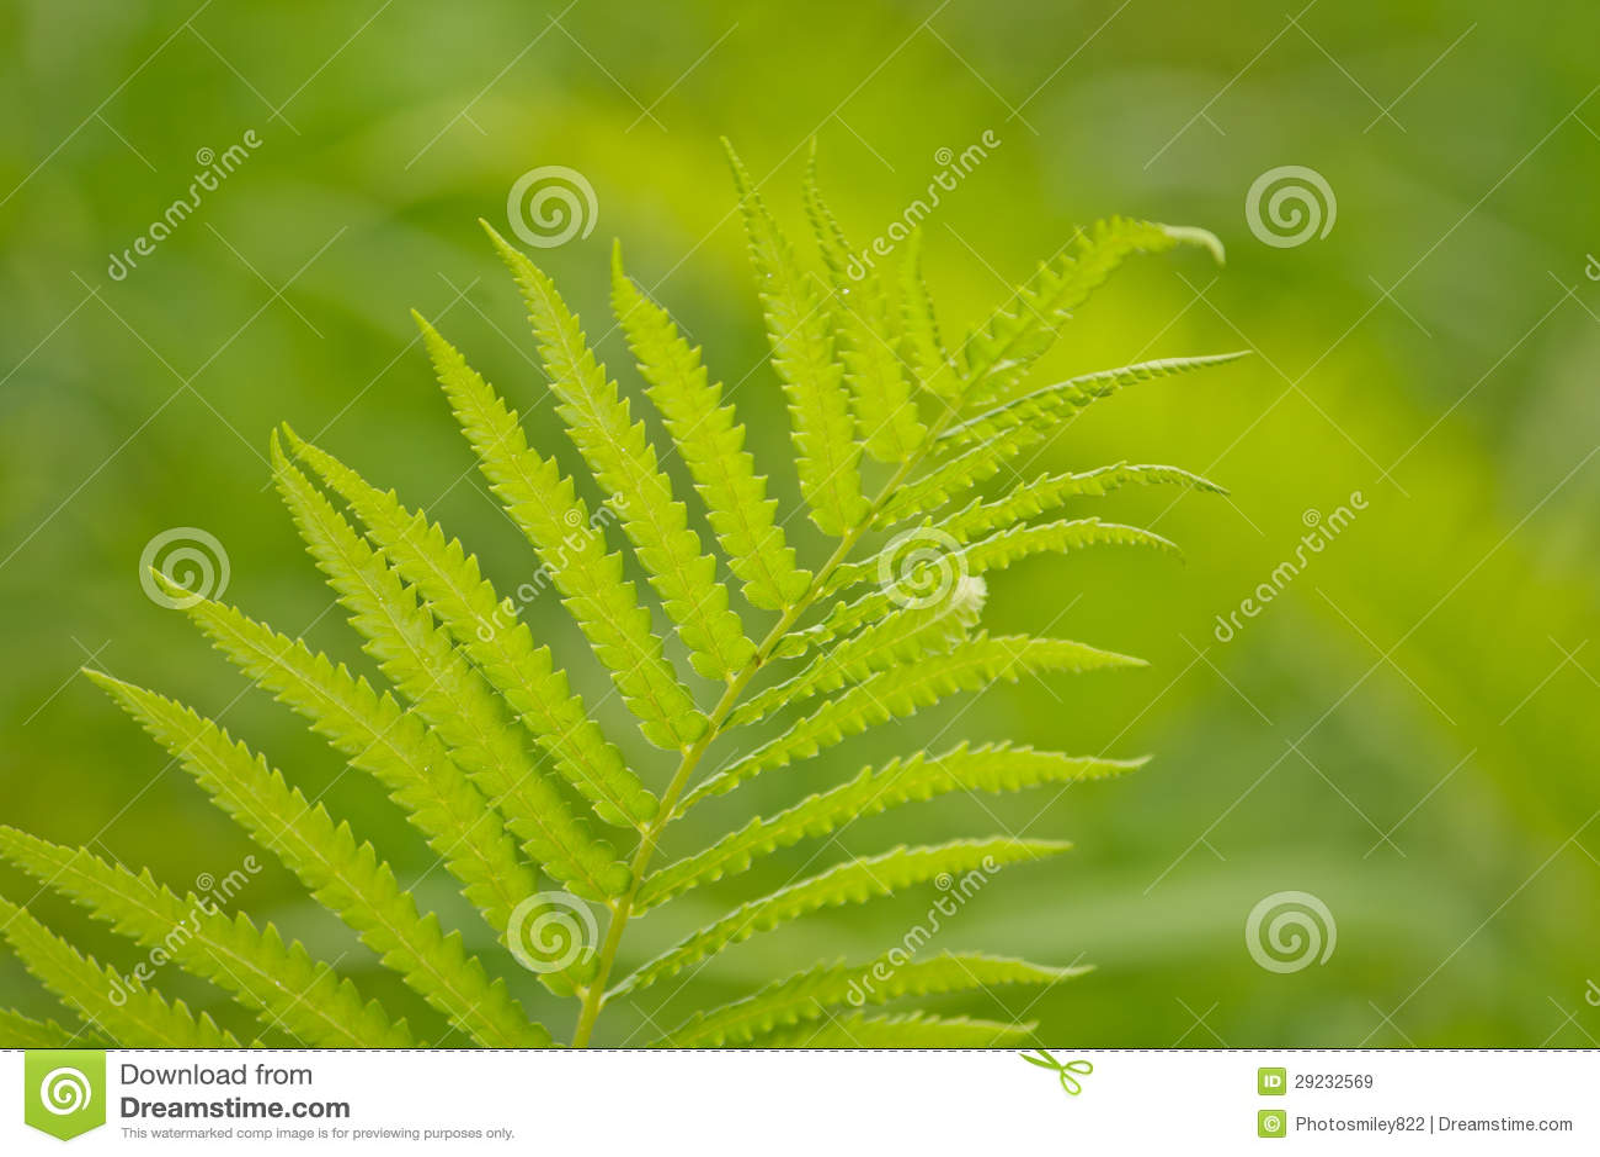 Download Samambaias de árvore imagem de stock. Imagem de jardim - 29232569